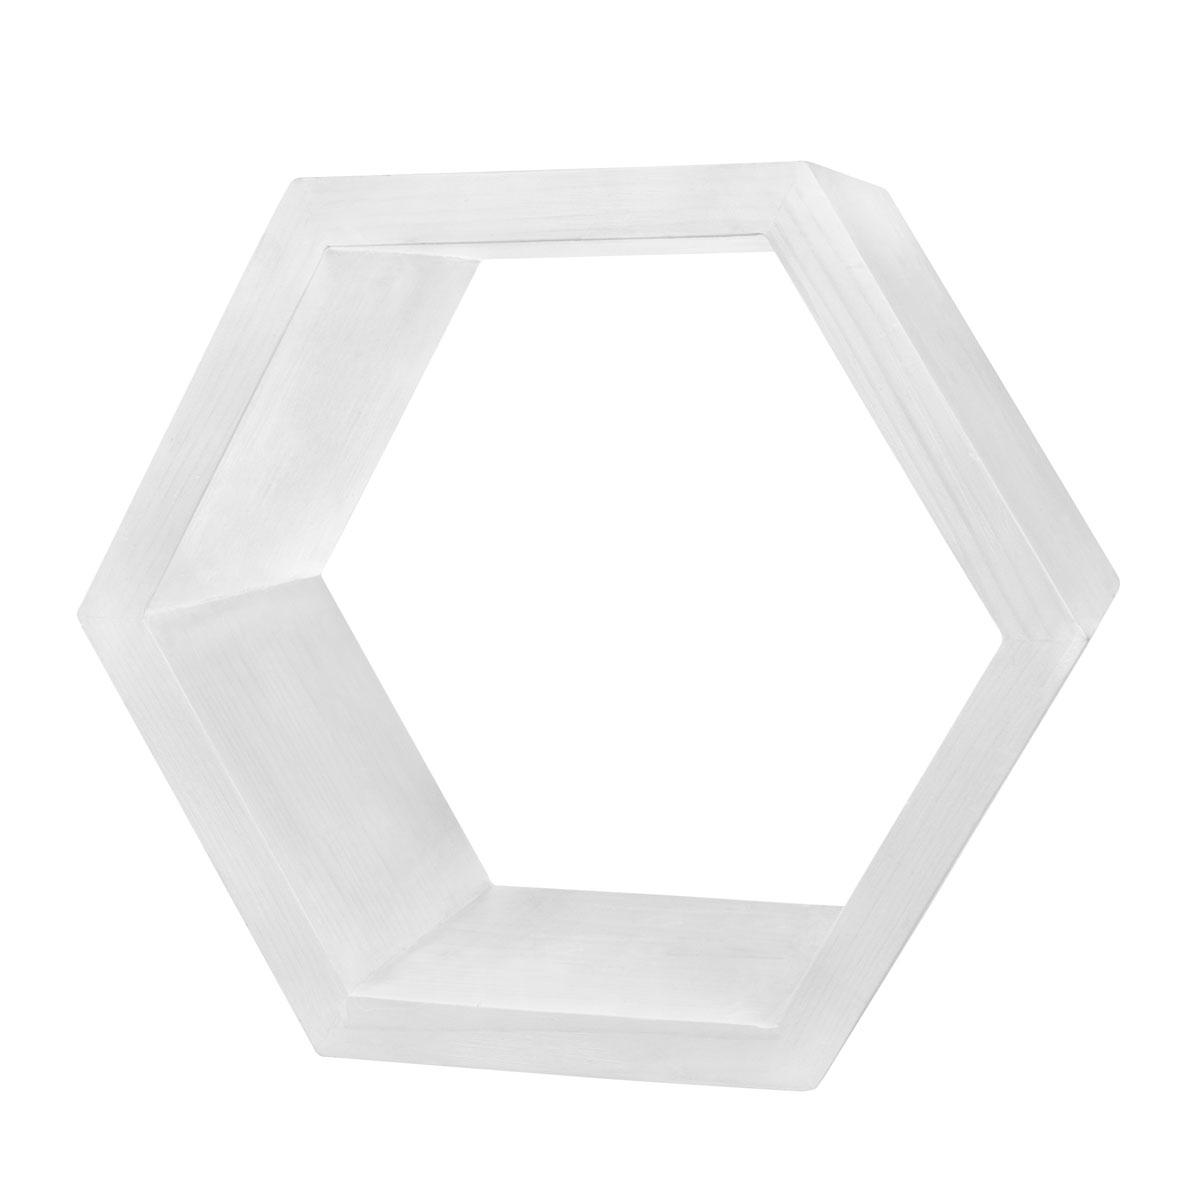 Декоративная полка EcoWoo 20 см, цвет: белыйCM000001327Оригинальные деревянные полки шестигранники. Отличное решение для декорирования комнаты. Несколько полок можно складывать в причудливые сочетания, ограниченные только вашей фантазией. Любой цвет и размер. Станьте креативными дизайнерами своего жилого пространства!